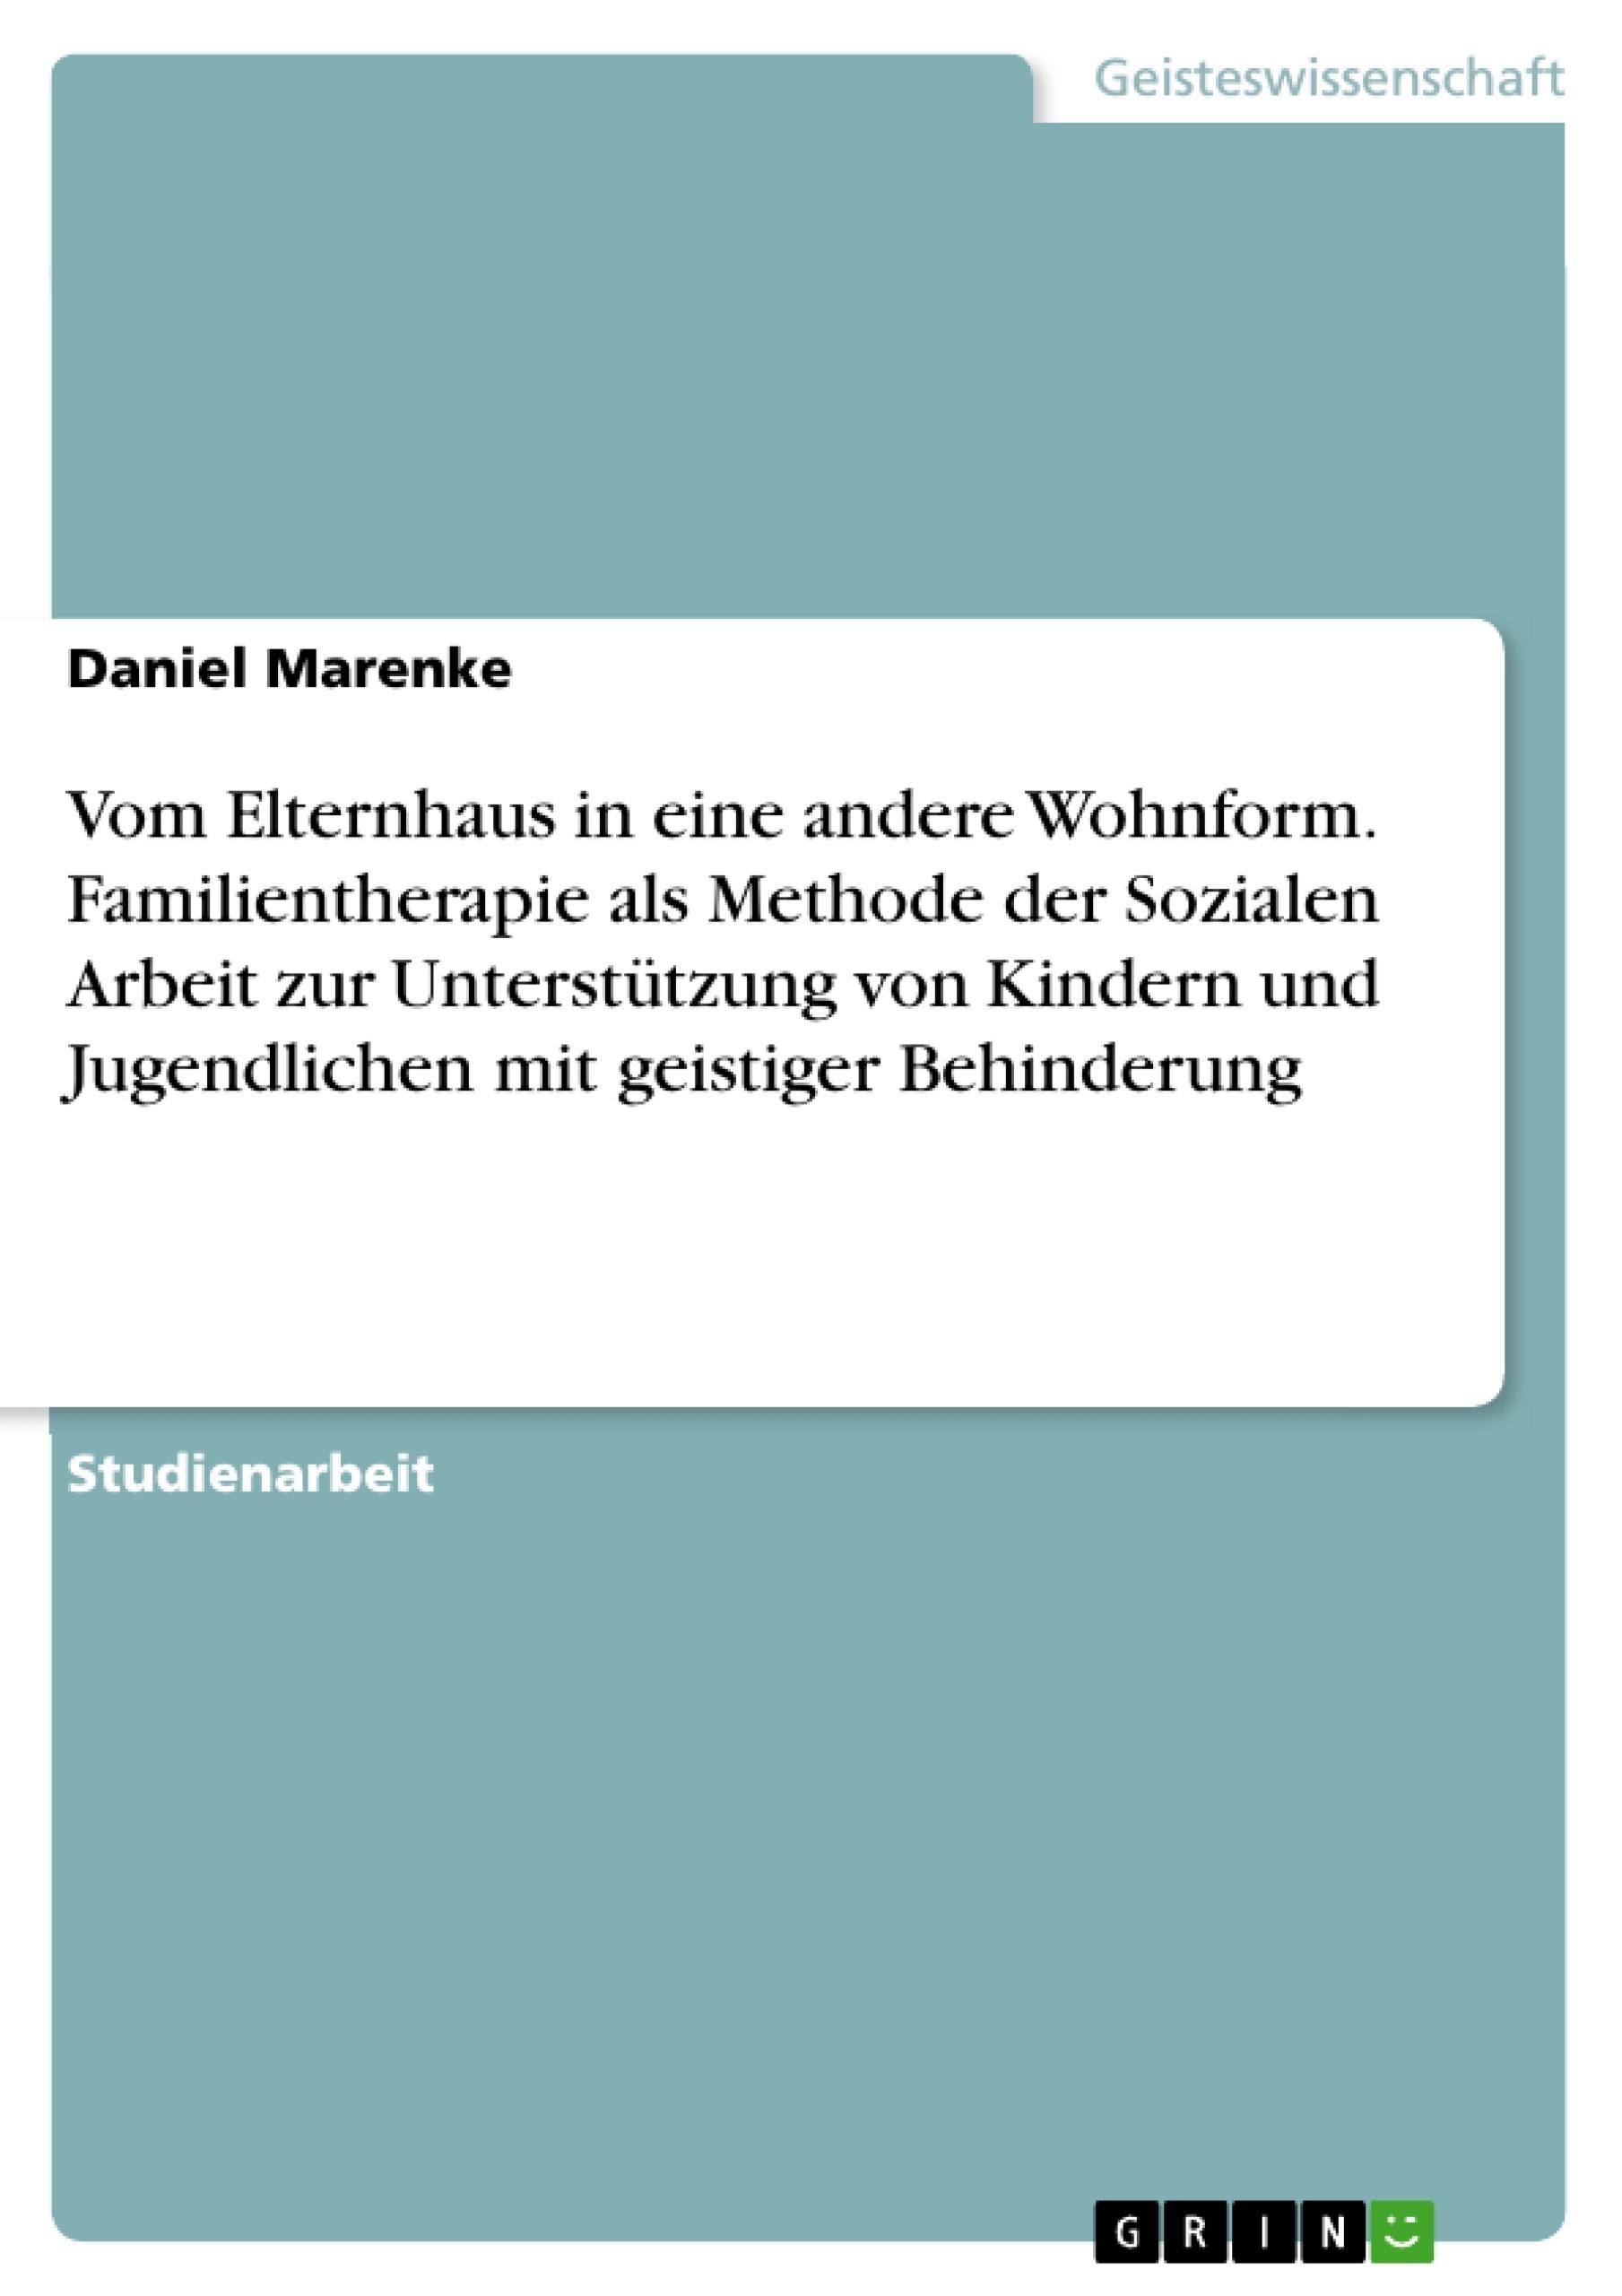 Titel: Vom Elternhaus in eine andere Wohnform. Familientherapie als Methode der Sozialen Arbeit zur Unterstützung von Kindern und Jugendlichen mit geistiger Behinderung